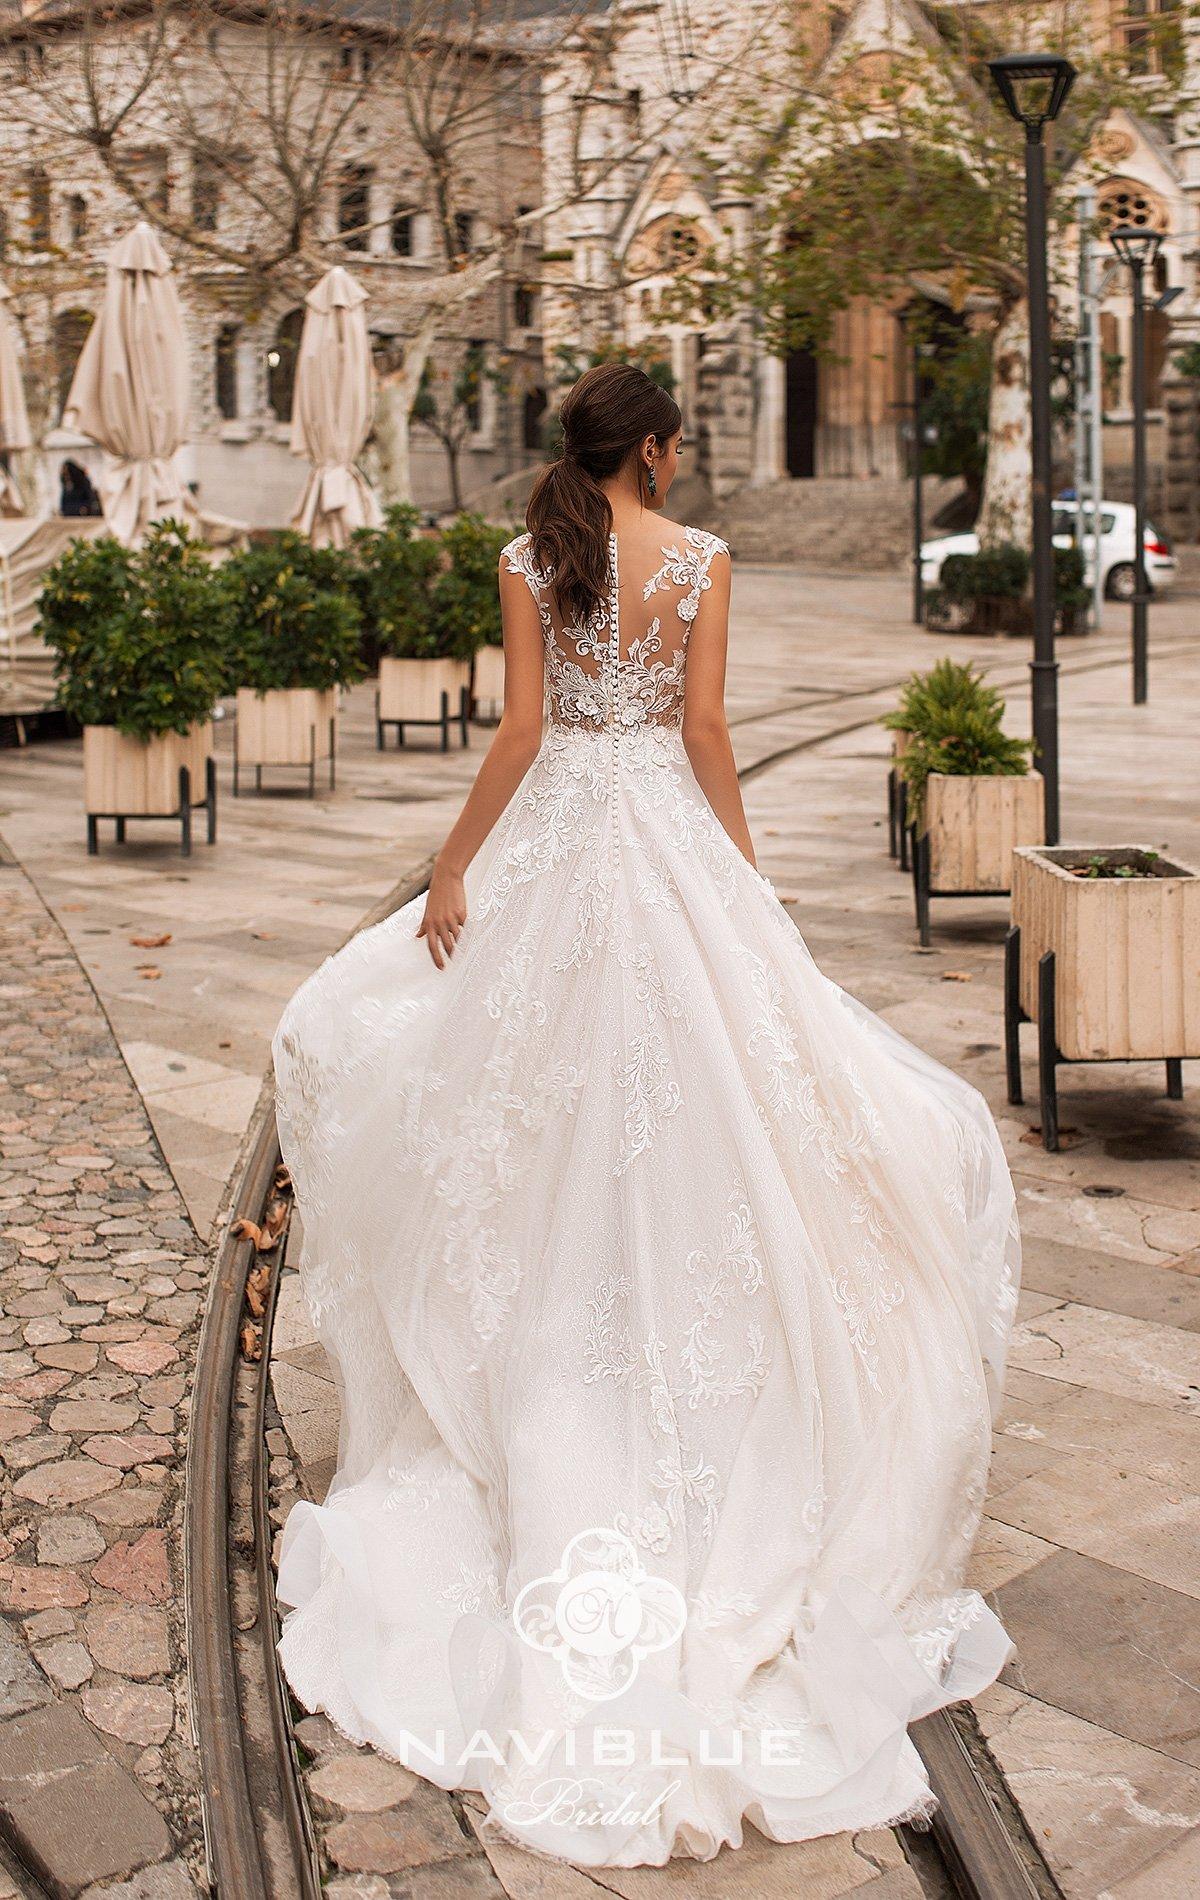 Свадебное платье Naviblue bridal 17307